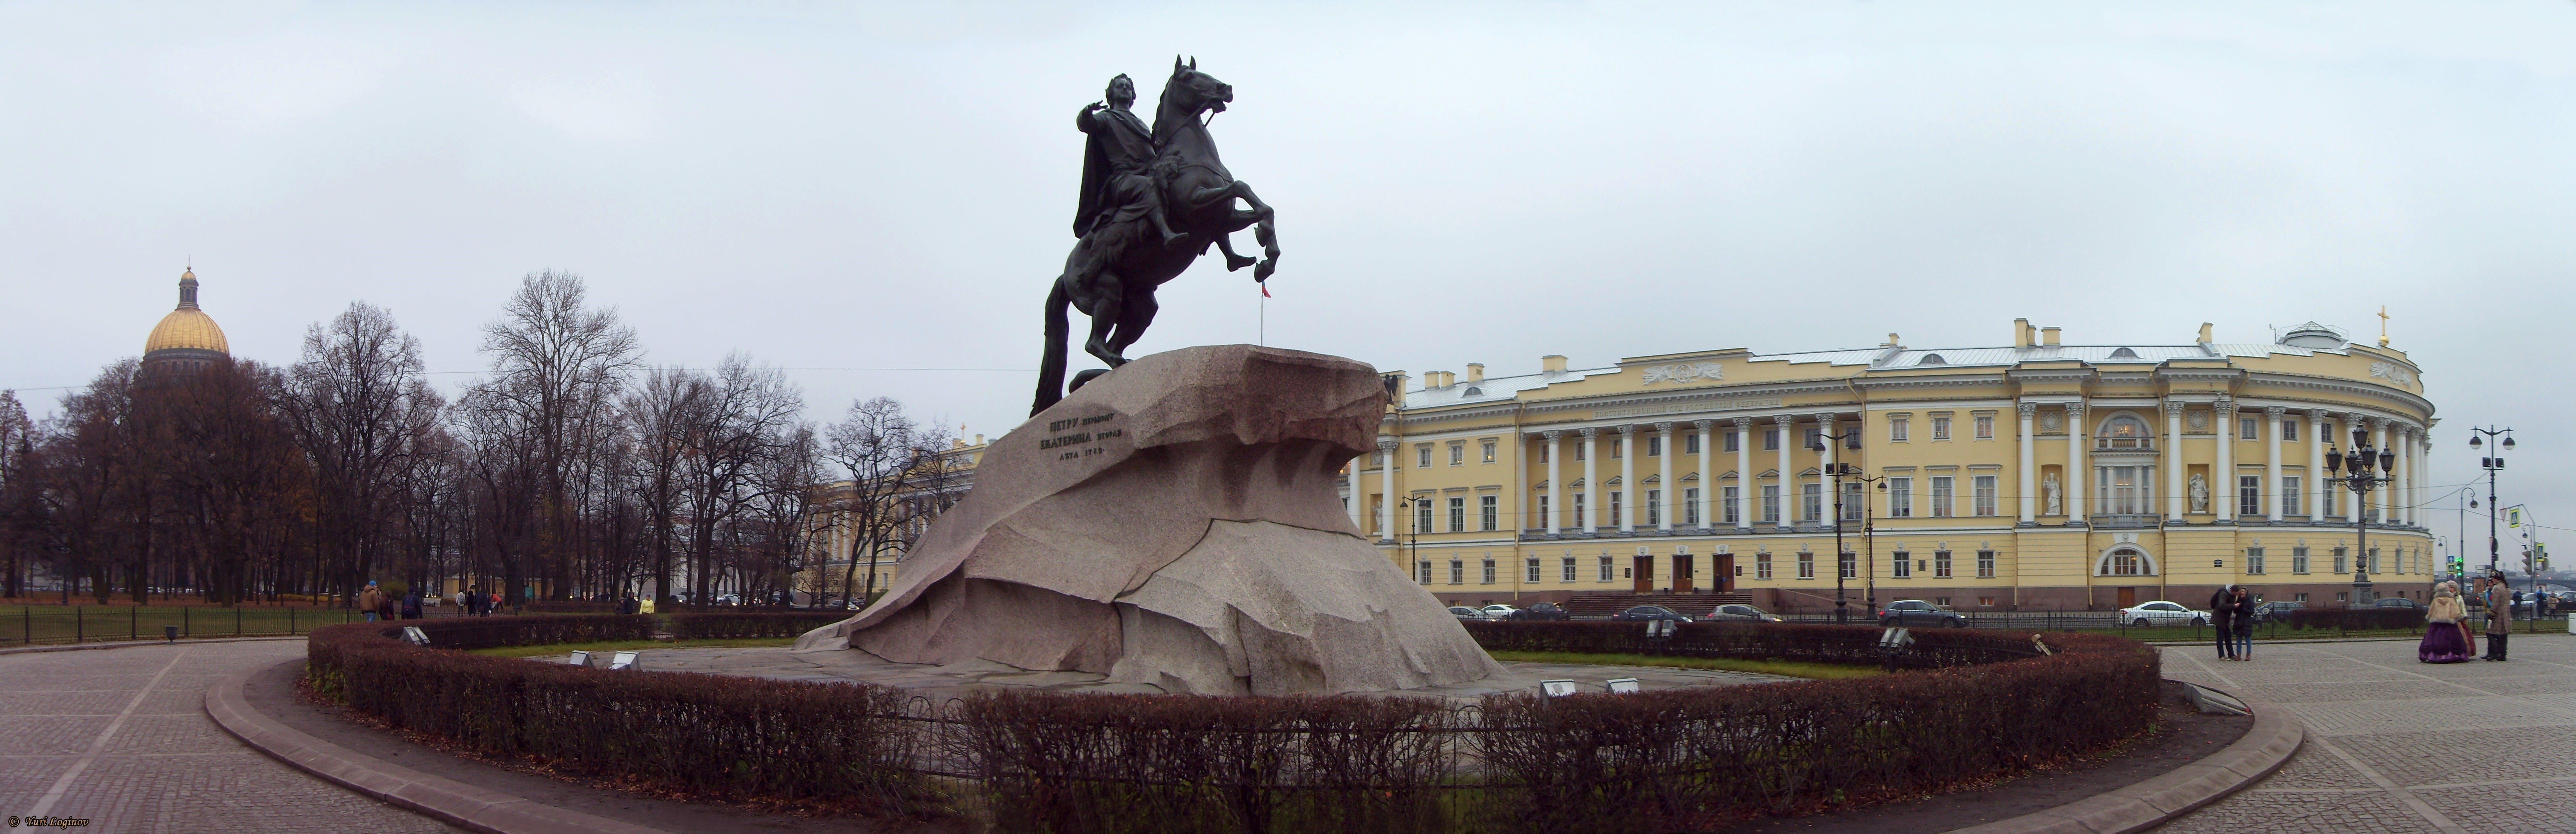 Bronze Horseman, peter the great, russia